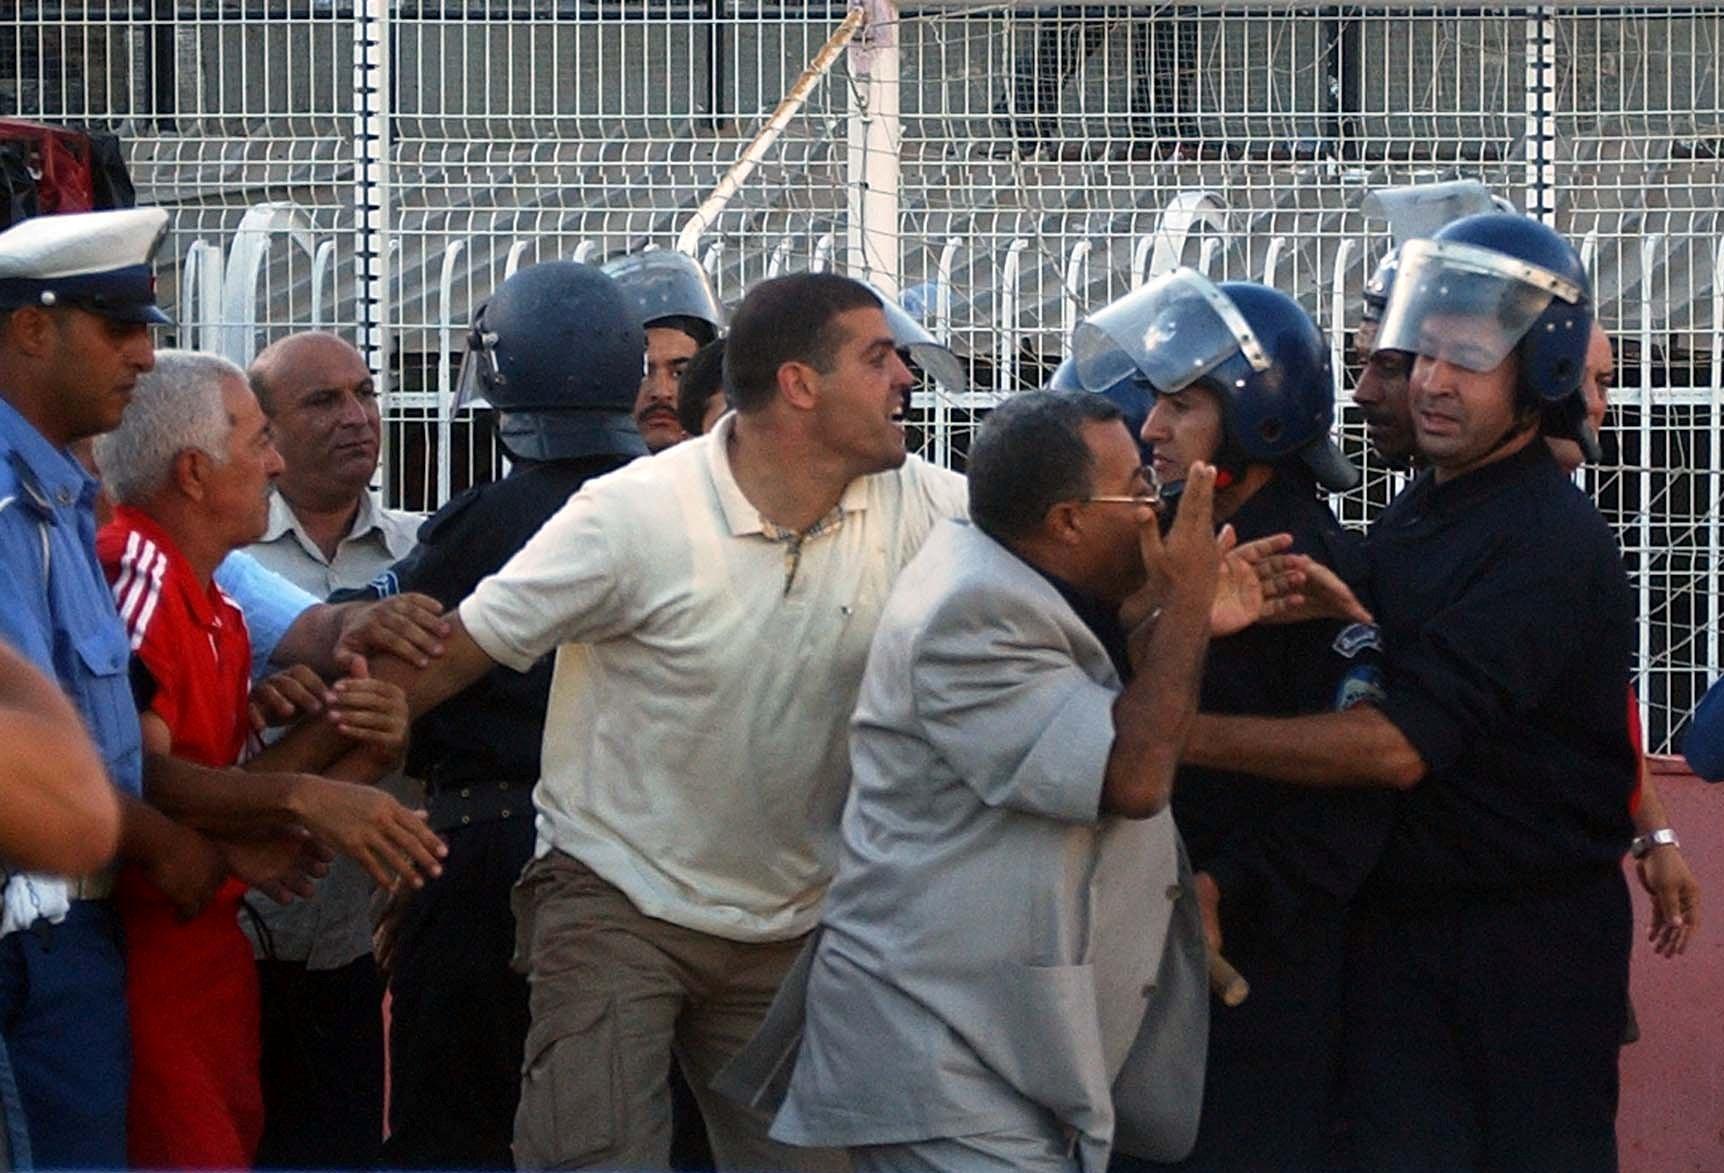 Le phénomène de la violence a repris dans certains stades après l'annonce du retrait progressif des services de sécurité. New Press